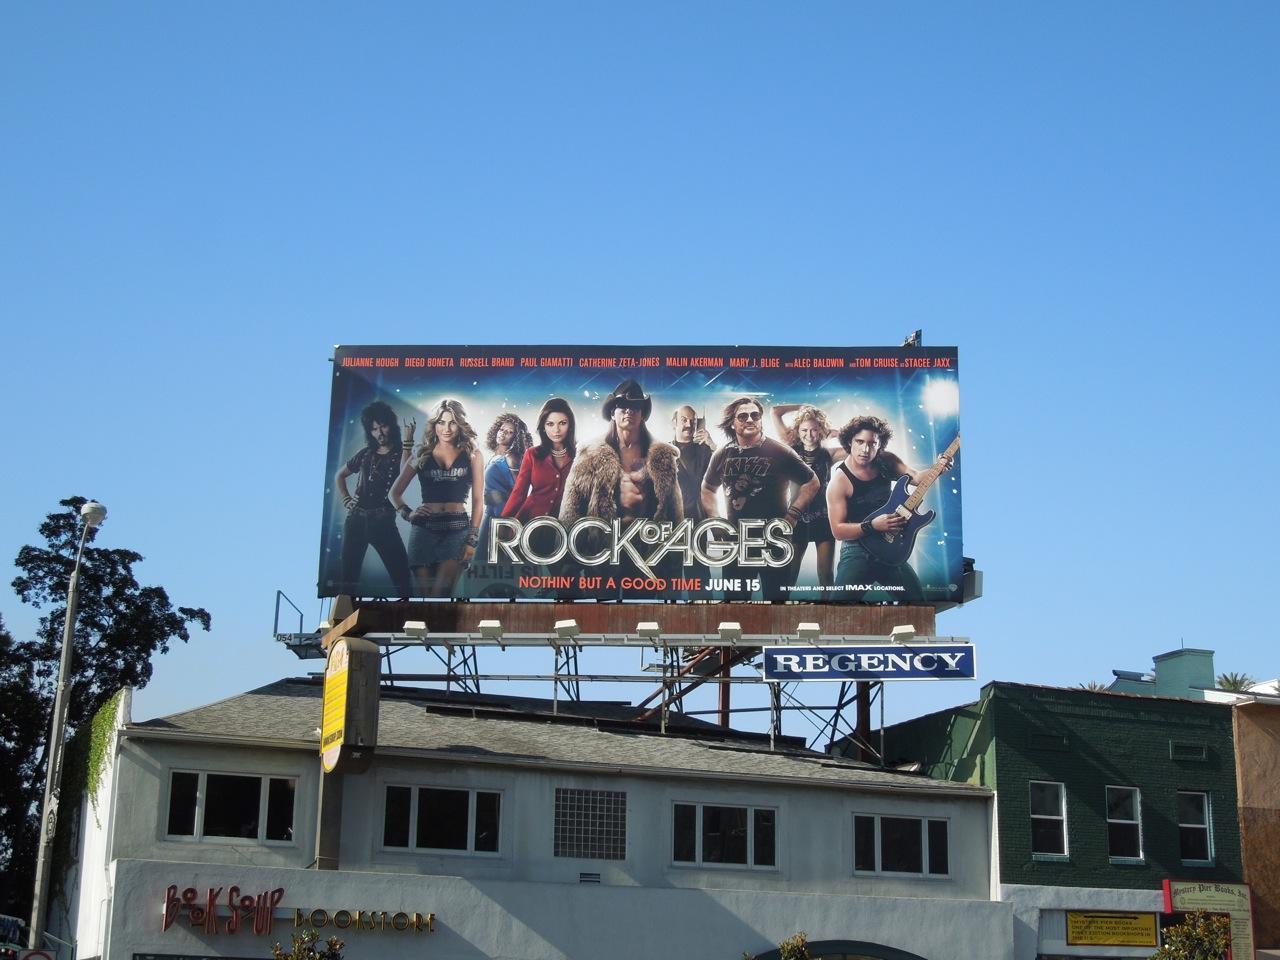 http://2.bp.blogspot.com/-LgHYoAykXRw/T8fHtB6ZqXI/AAAAAAAAr3k/4Qpz4rOIJ-s/s1600/rock+ofages+billboard.jpg